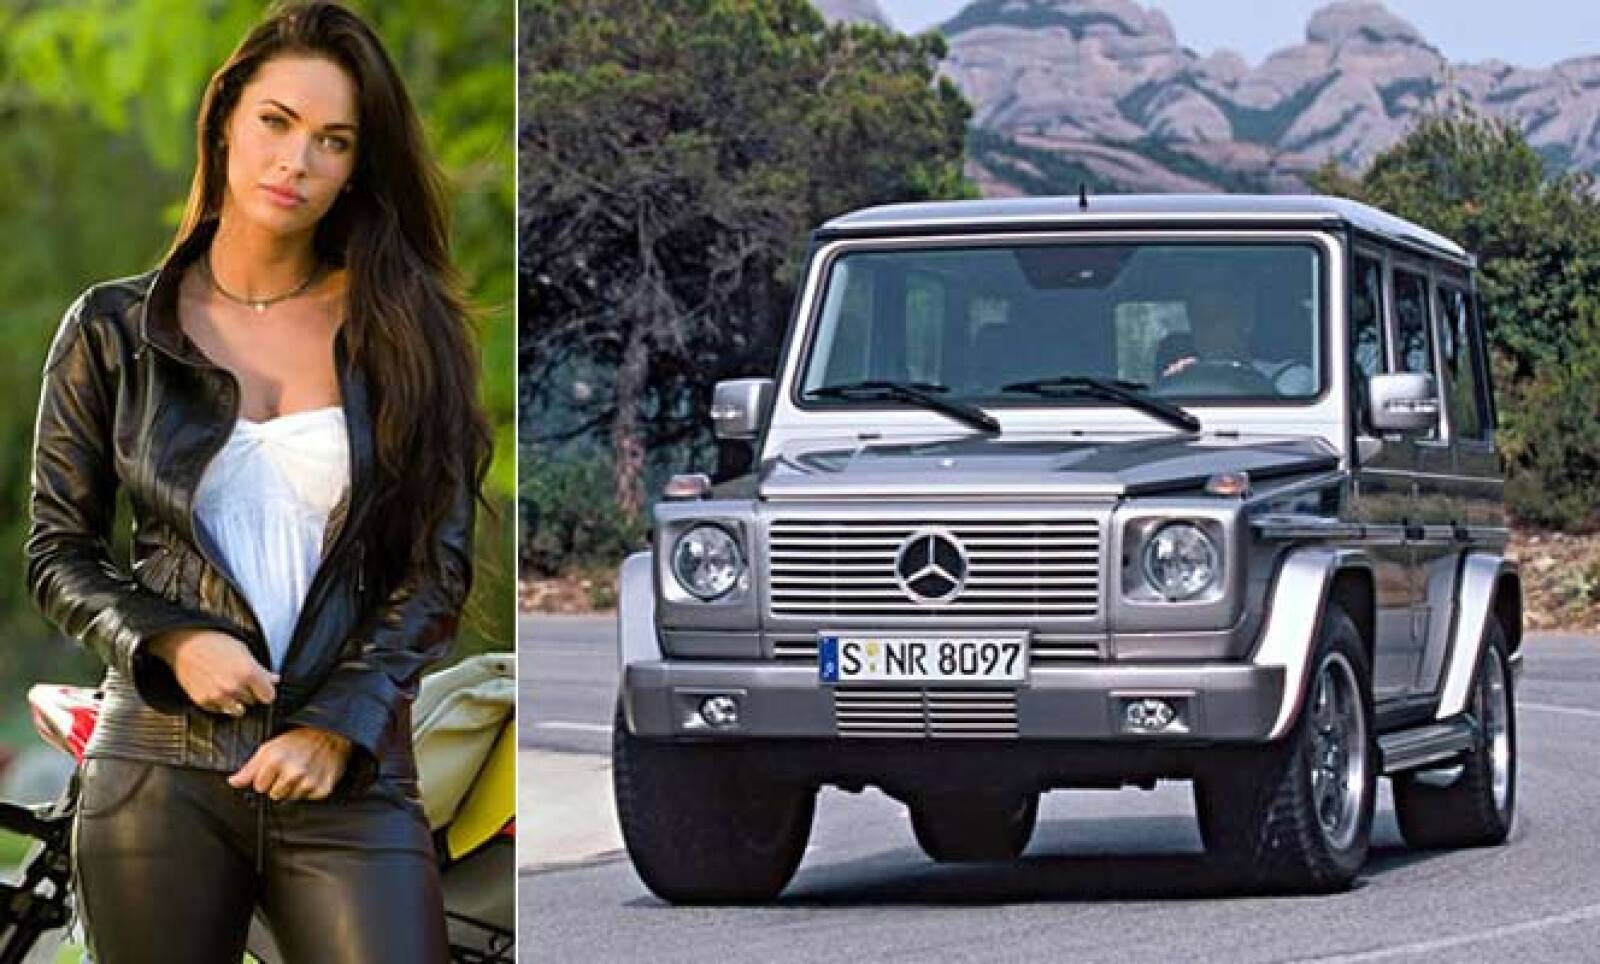 La actriz Megan Fox es reconocida por su afición a las motocicletas, aunque en el último año ha comprado dos nuevos vehículos.